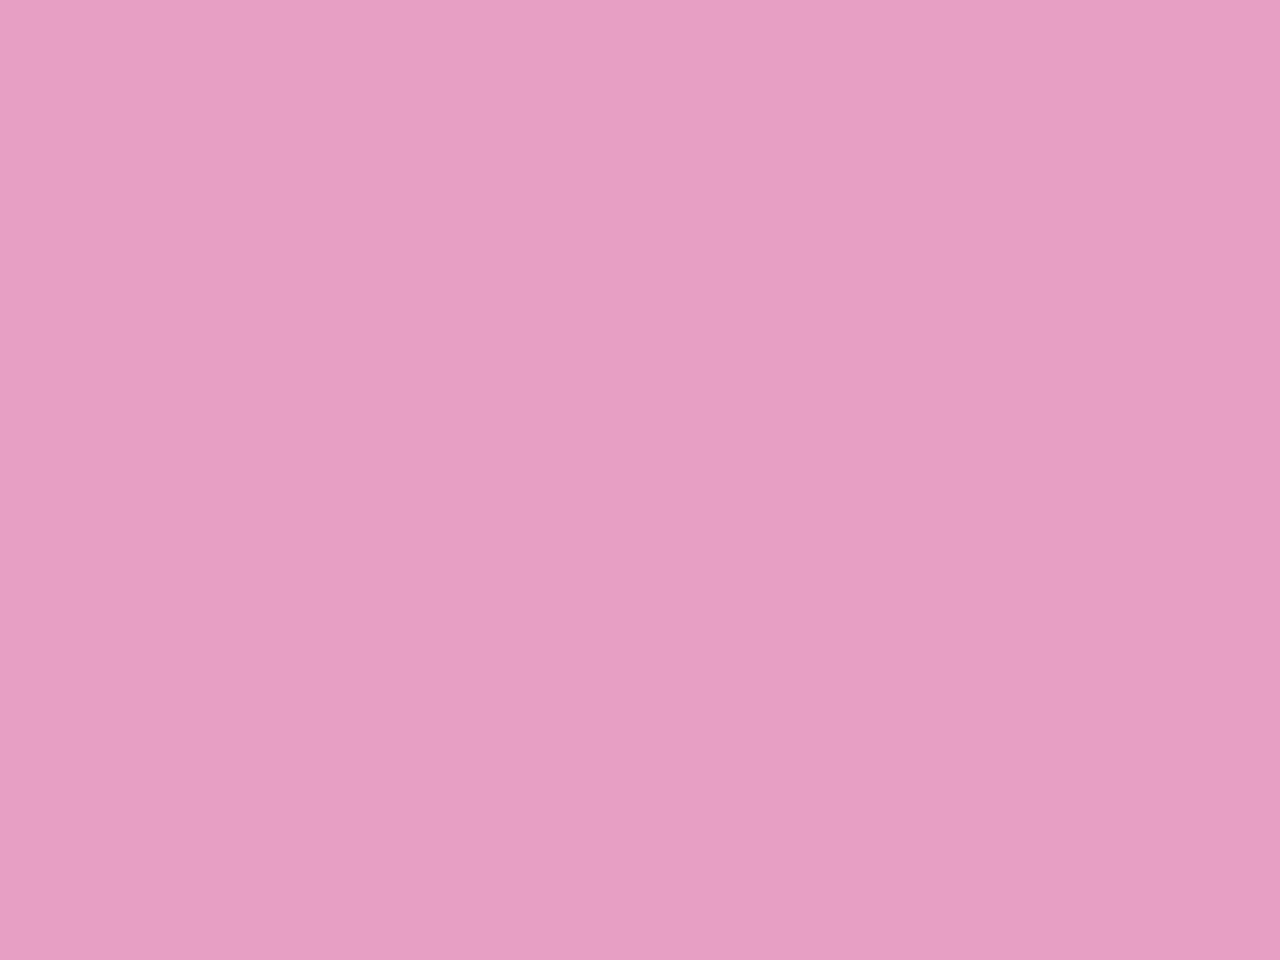 1280x960 Kobi Solid Color Background